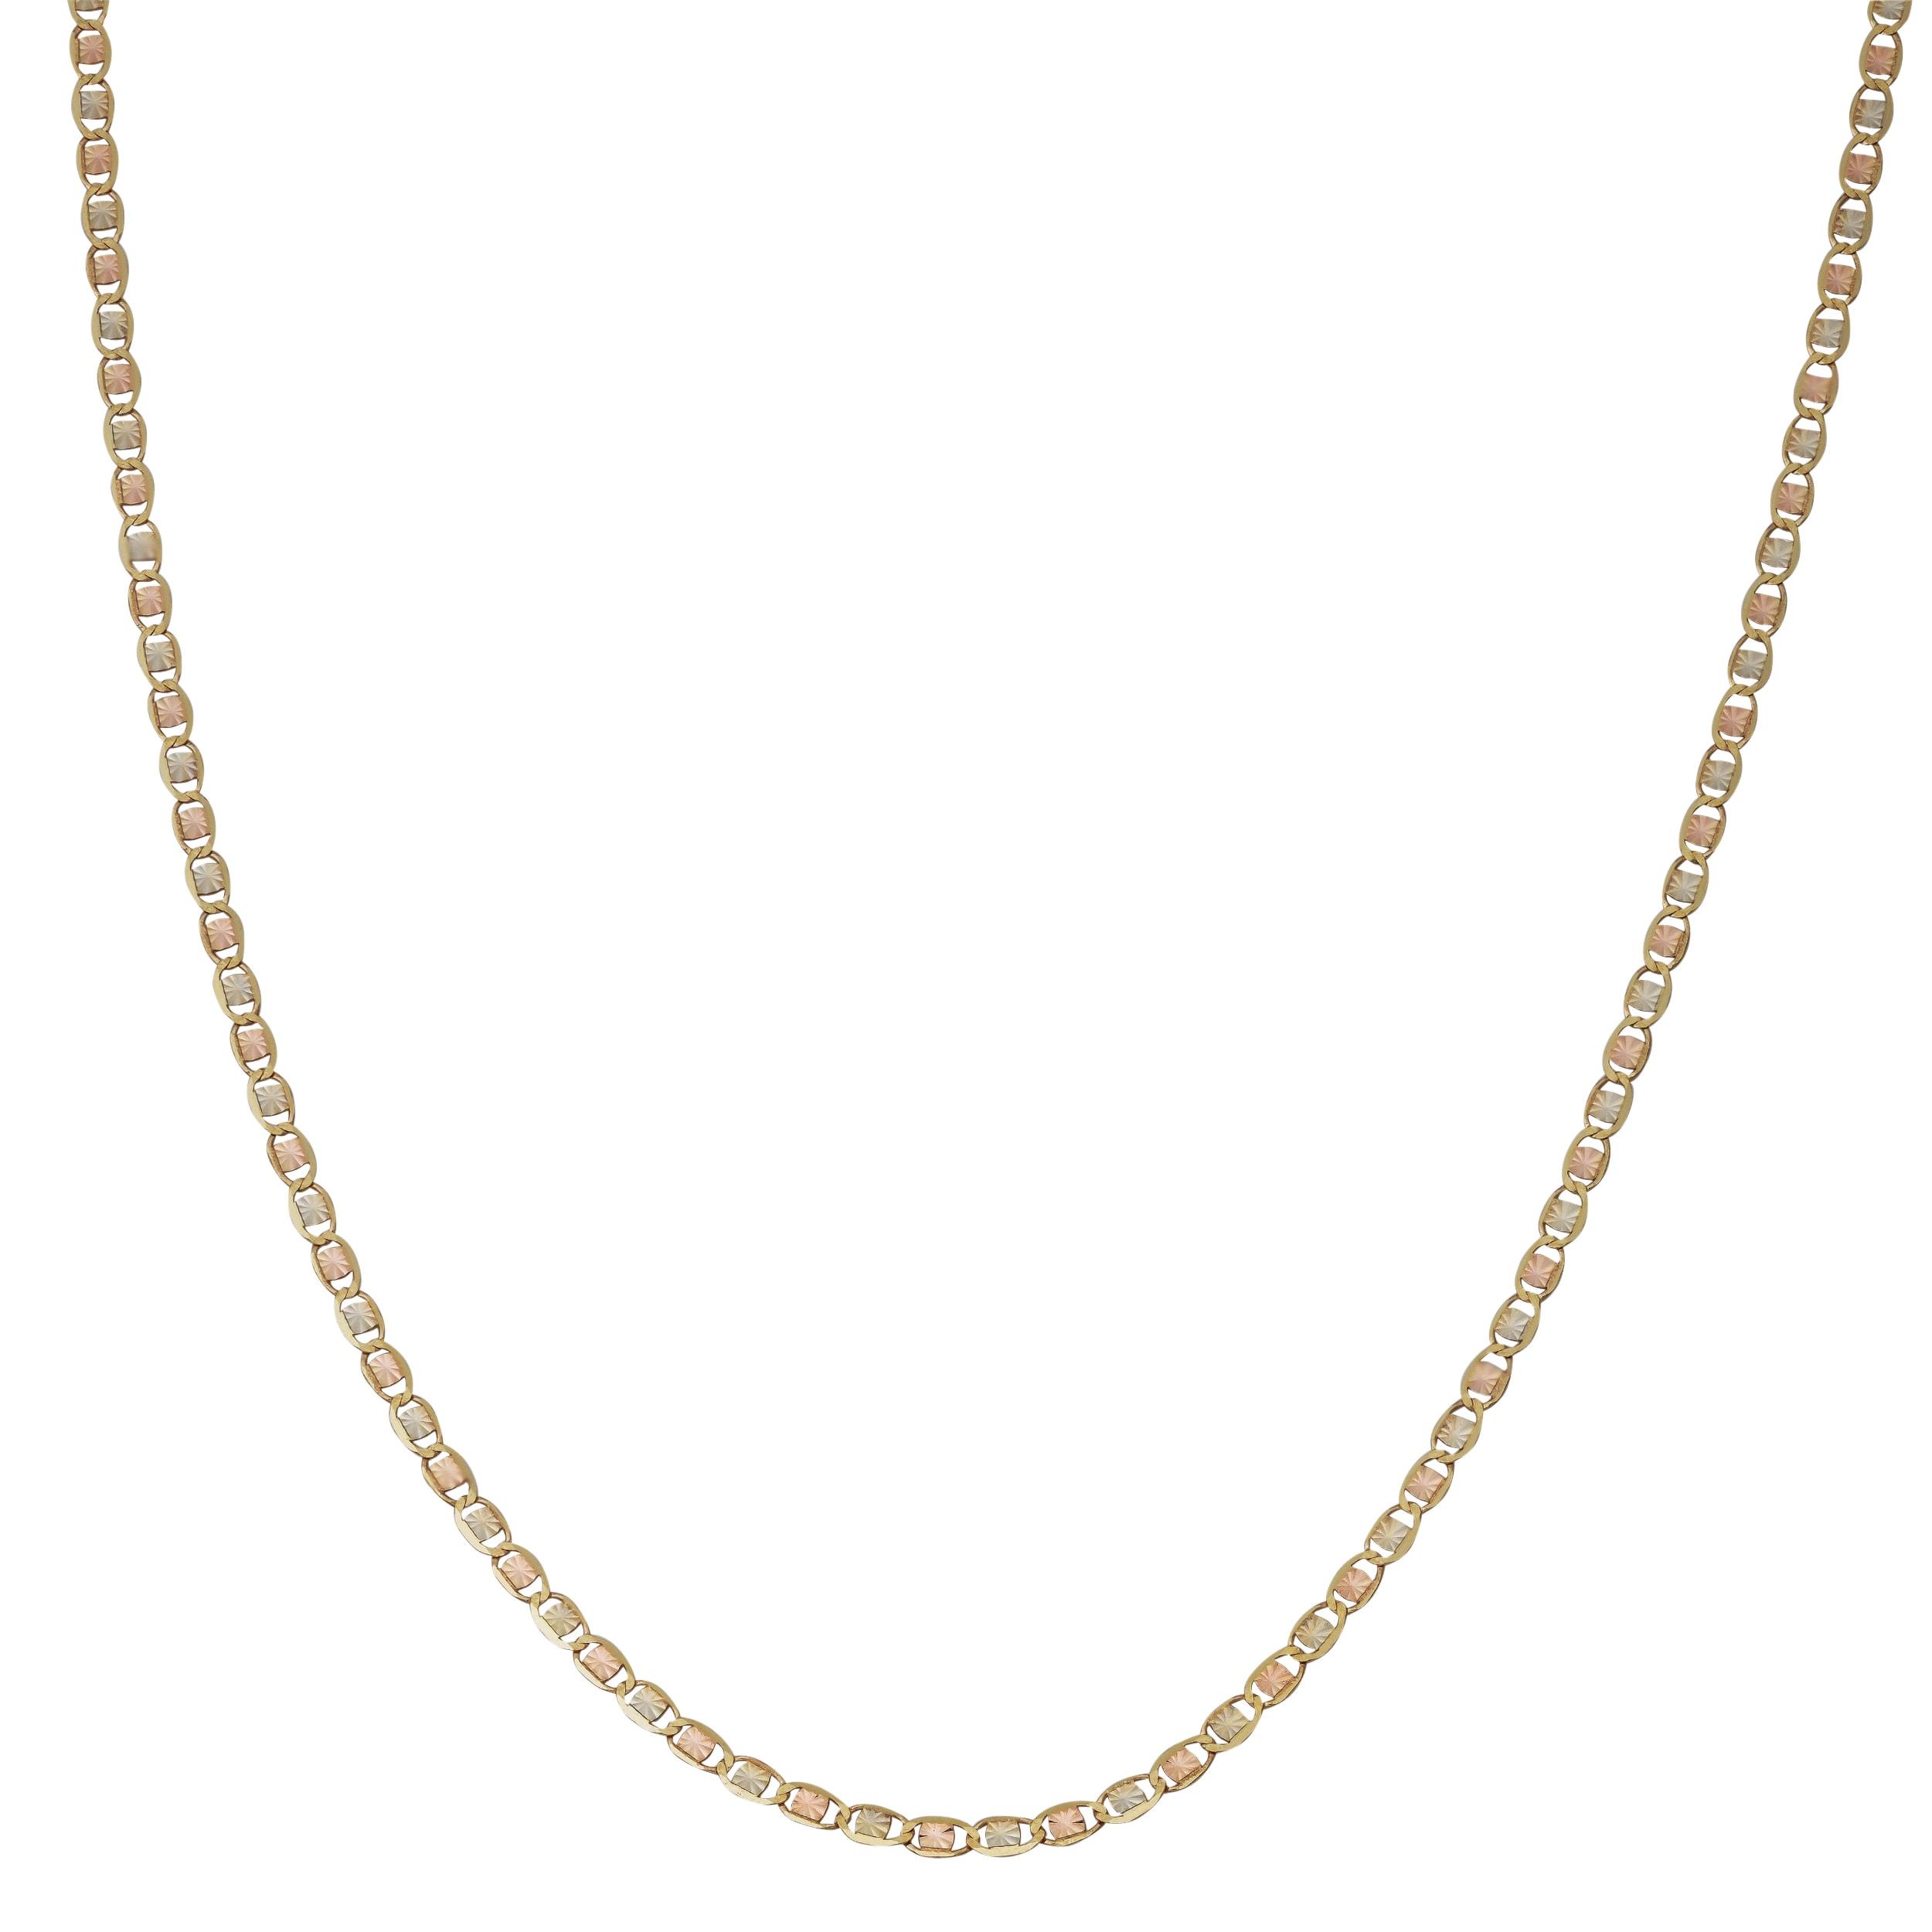 e6cf1044332d3 Fremada 10k Tricolor Gold Star Valentino Chain Necklace (16 - 20 inches)